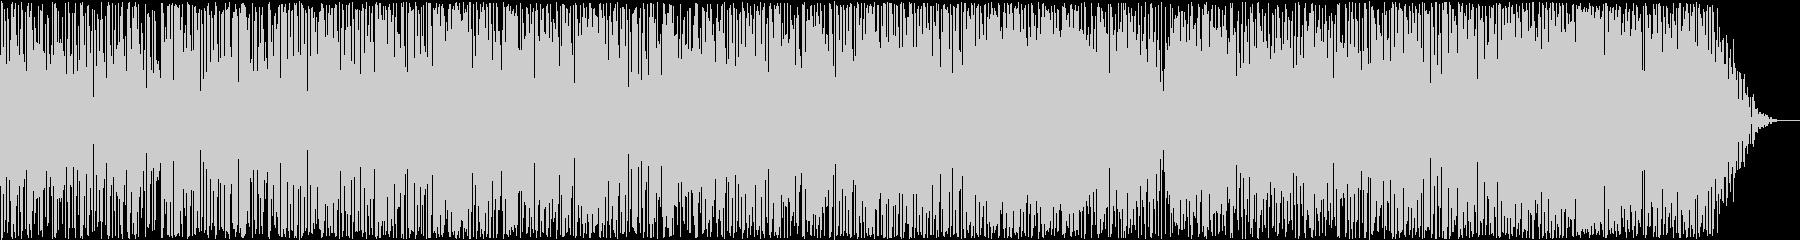 ニューオーリンズムードのライトジャ...の未再生の波形